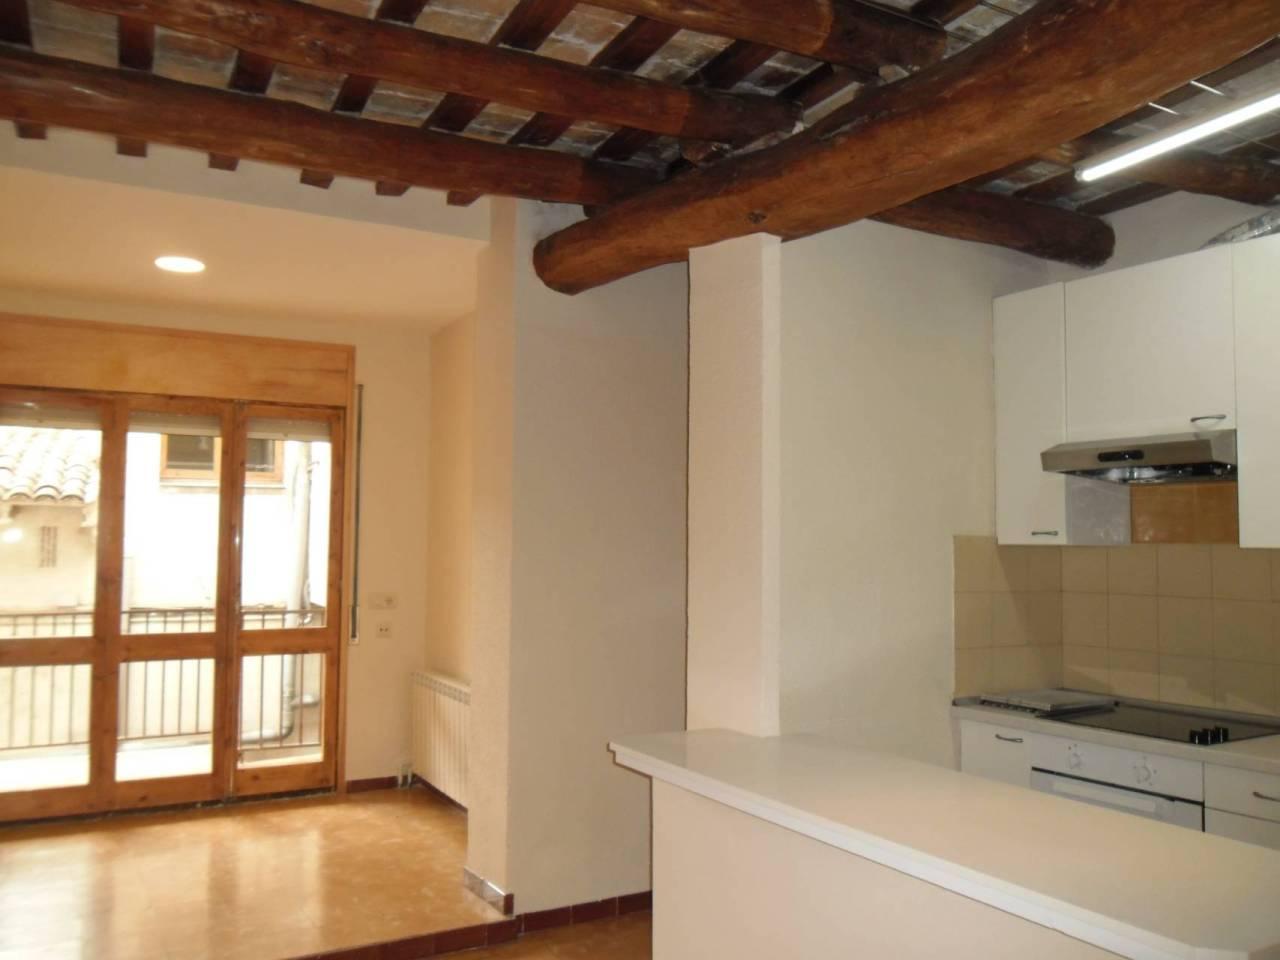 Location Appartement  Sant joan de vilatorrada. Si quieres vivir en plena naturaleza, tenemos un piso rural de 6